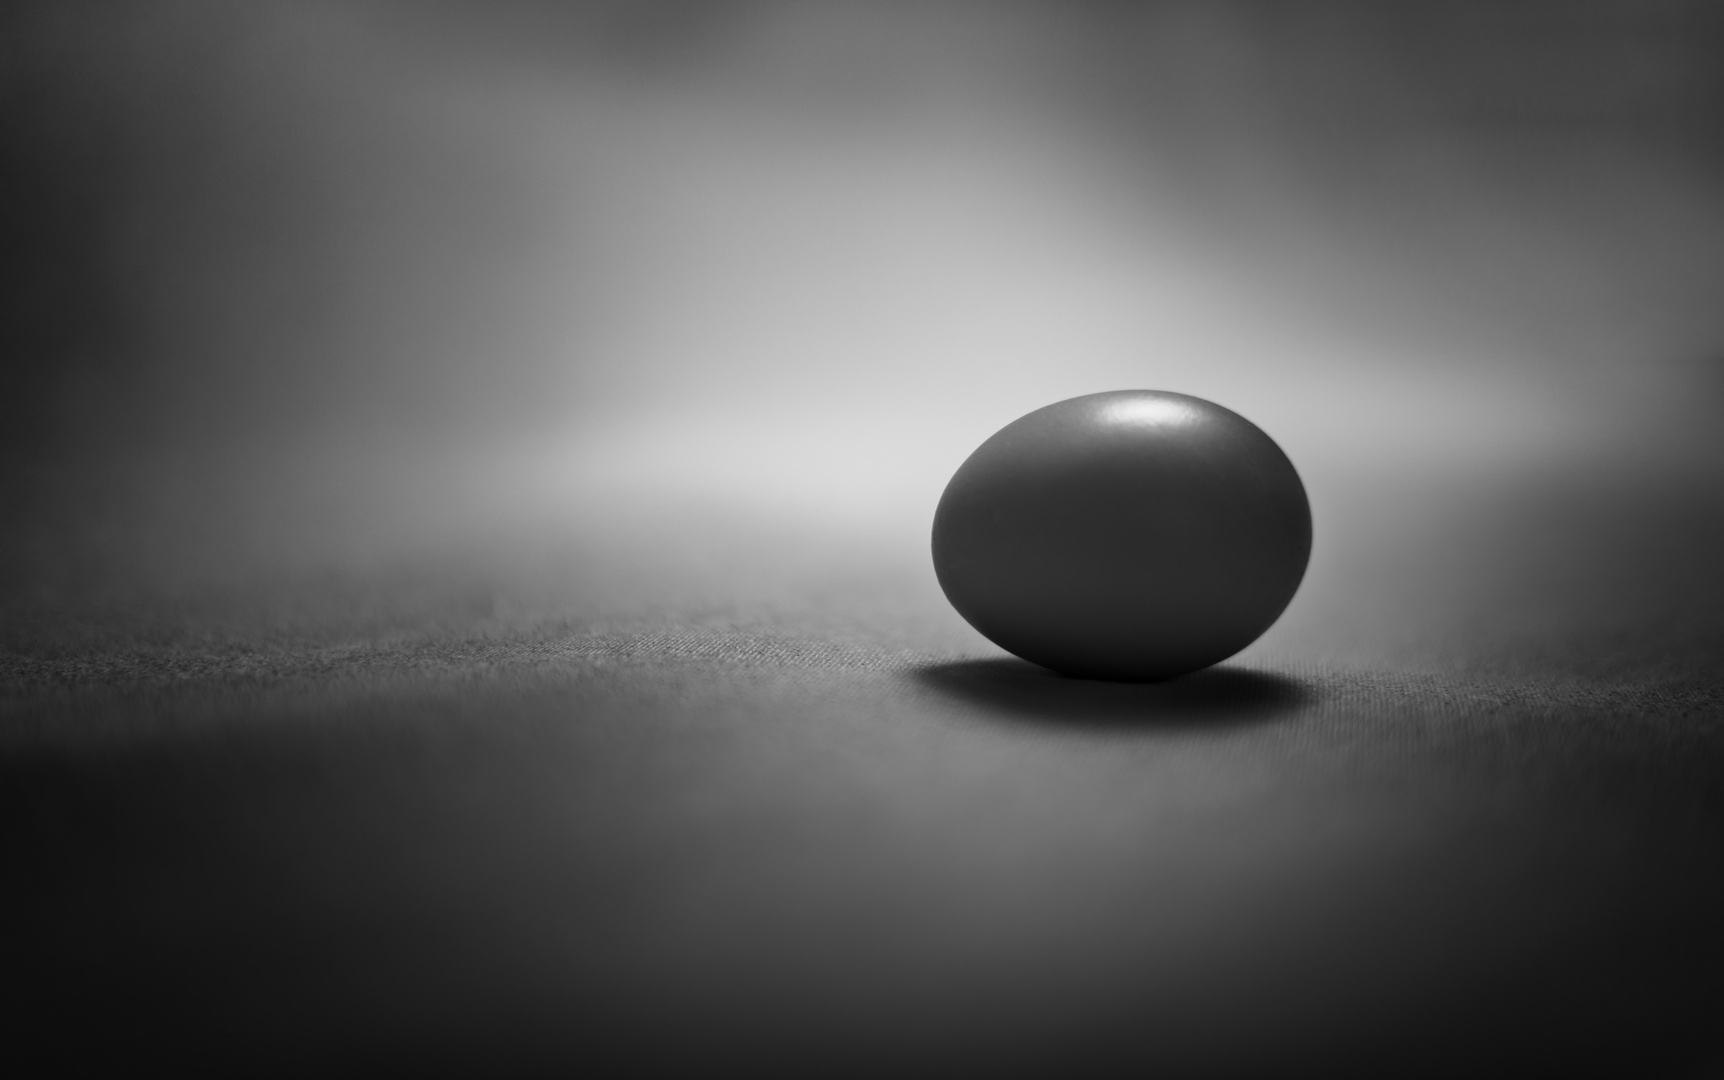 Das Ei